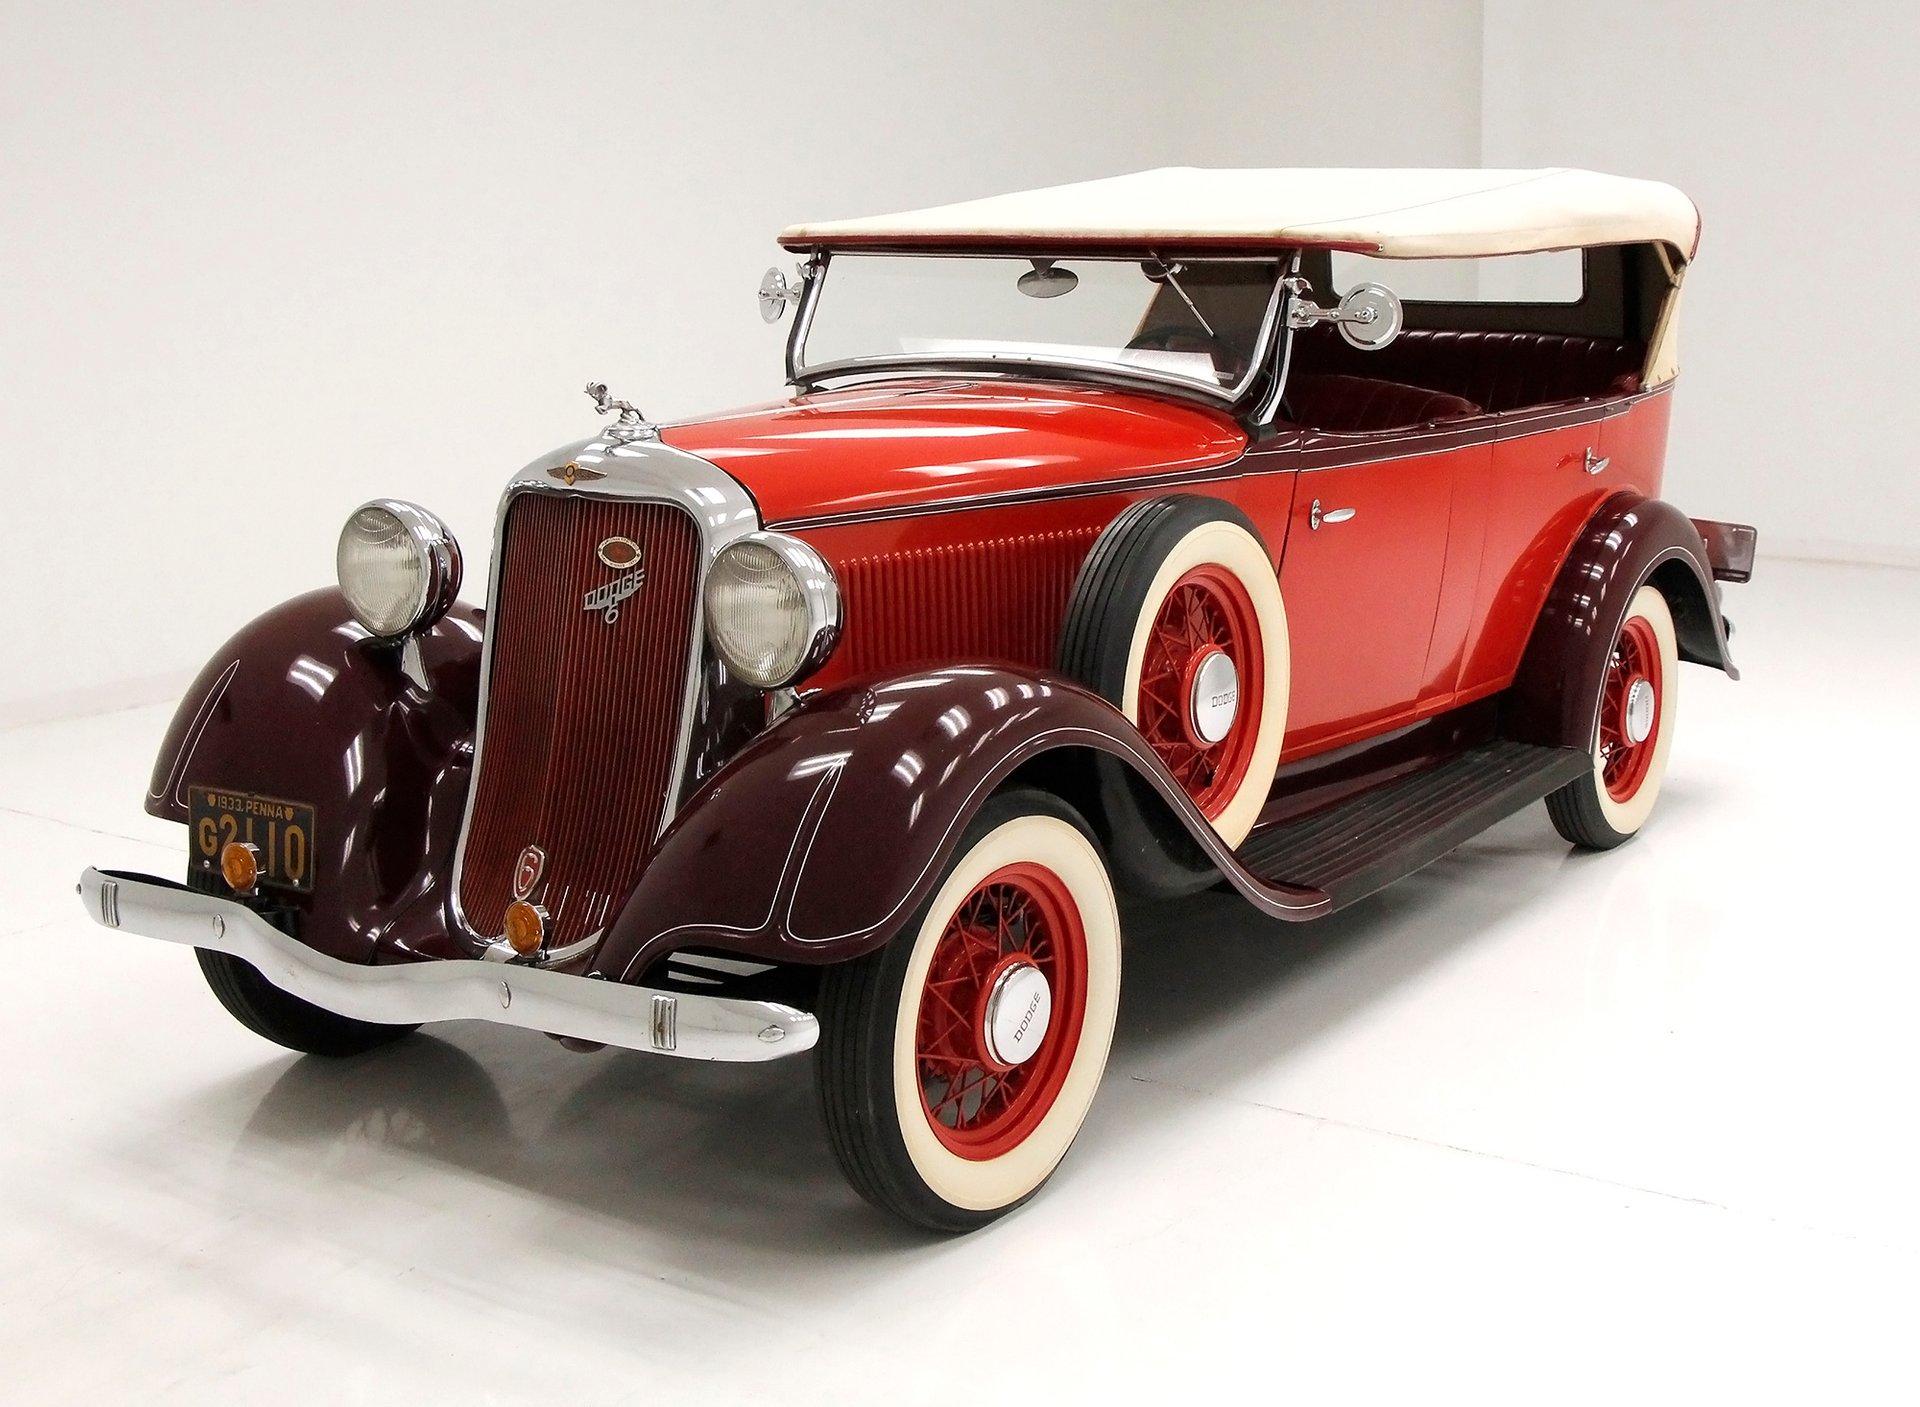 1933 Dodge Phaeton